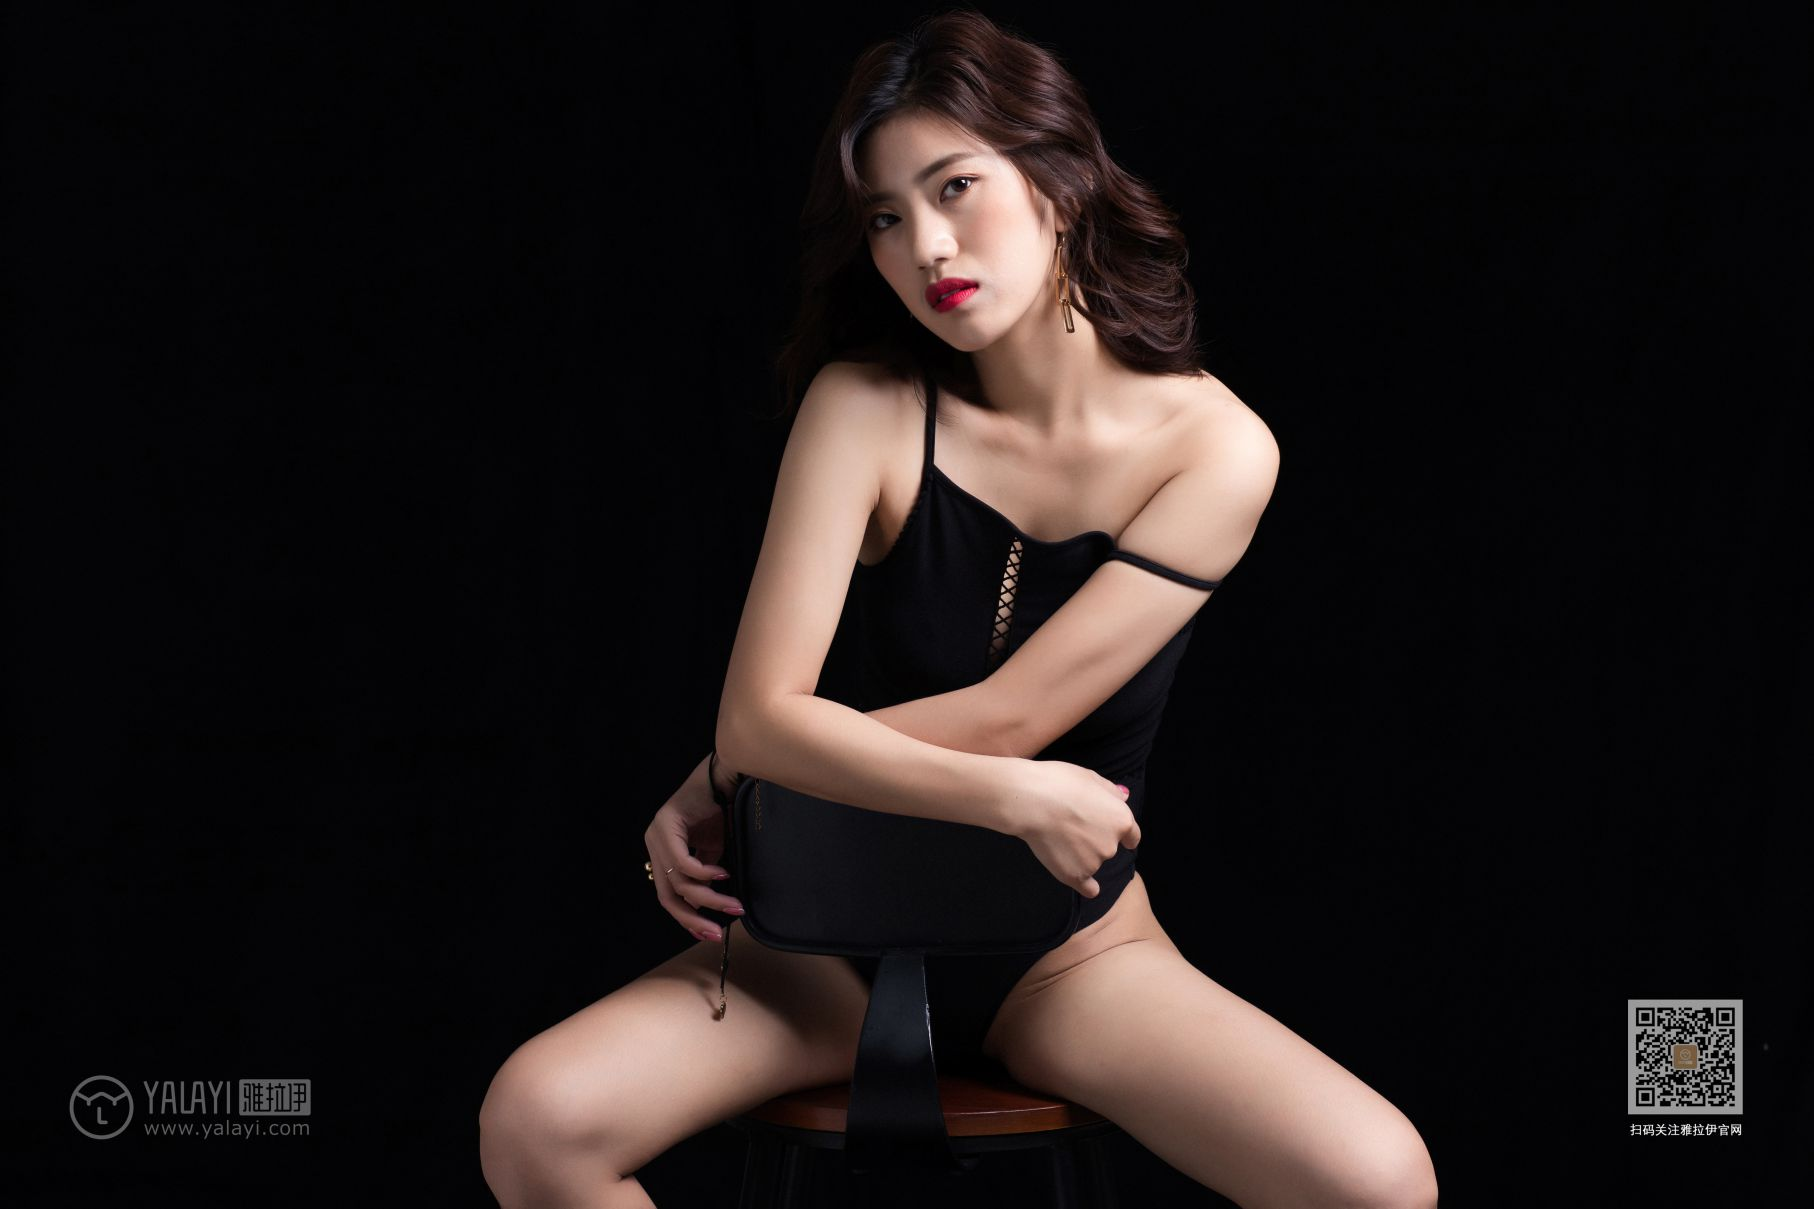 小小, YaLaYi雅拉伊 Vol.488 Xiao Xiao, YaLaYi雅拉伊 Vol.488, Xiao Xiao